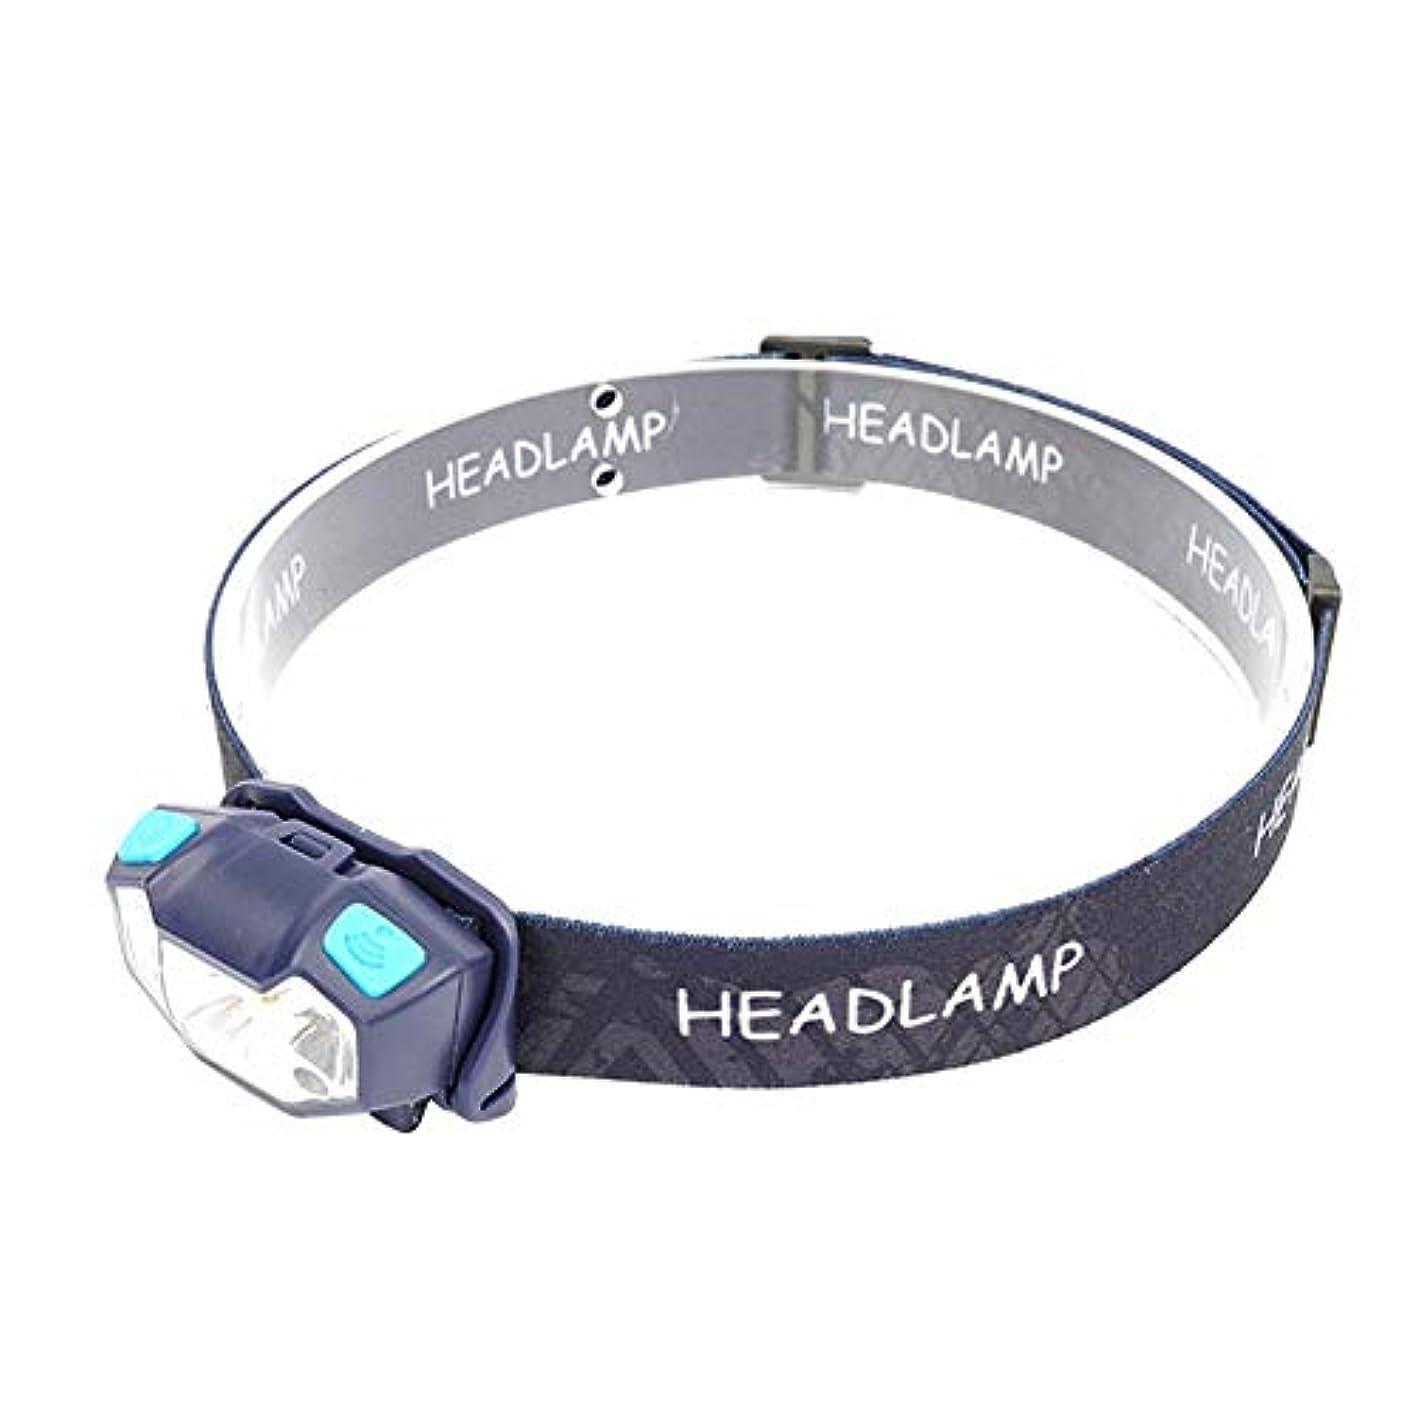 仲介者失業者豊富なvolflashy ヘッドランプ Q5 LED ヘッドライト USB 充電式 3モード 防水 モーション センサー キャンプ トーチ Exploration Beauty TM-045